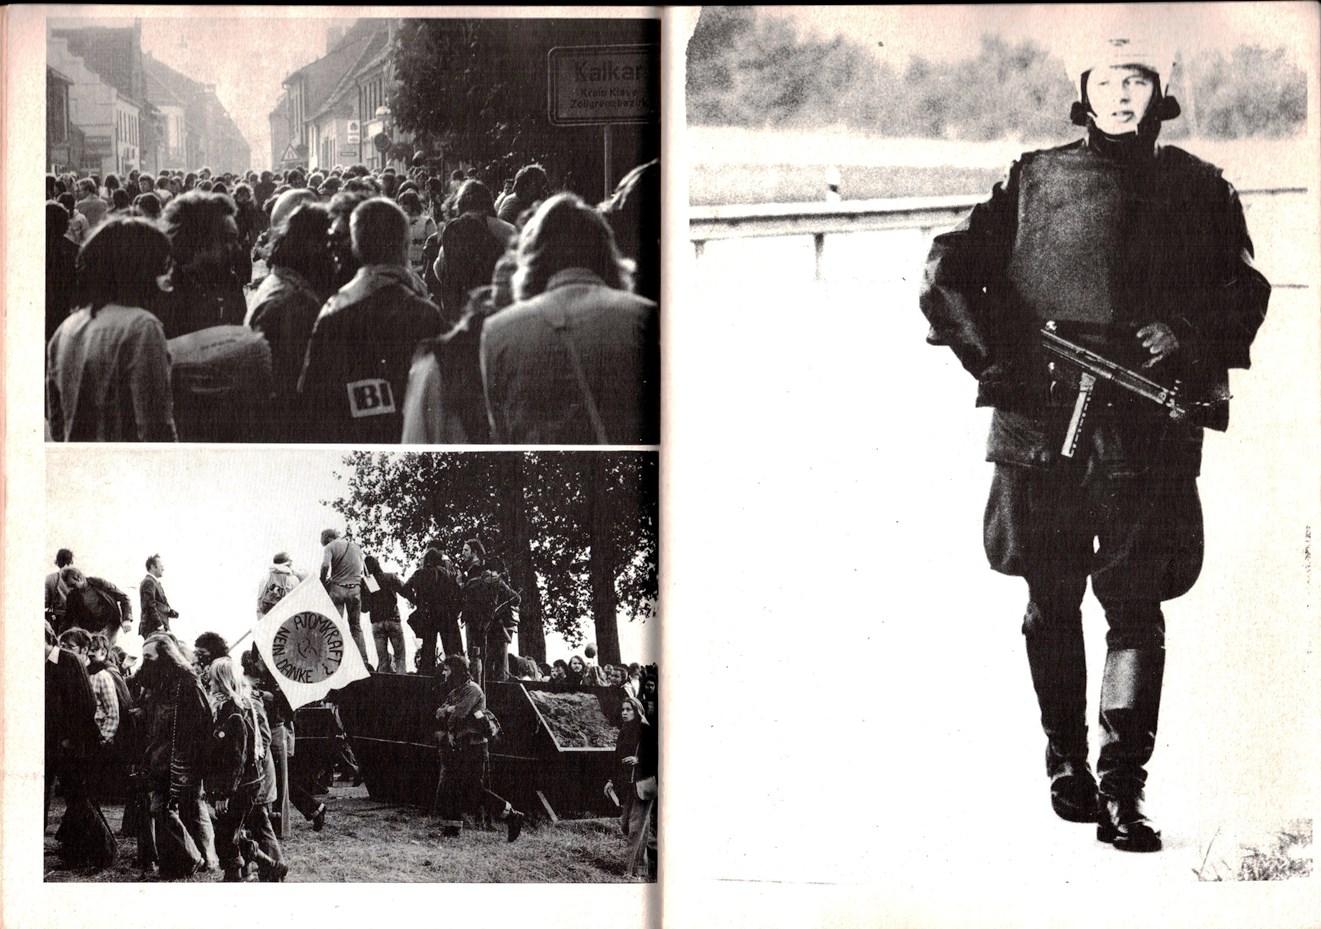 NRW_AKW_1977_Ermittlungsausschuss_zur_Kalkardemonstration_038